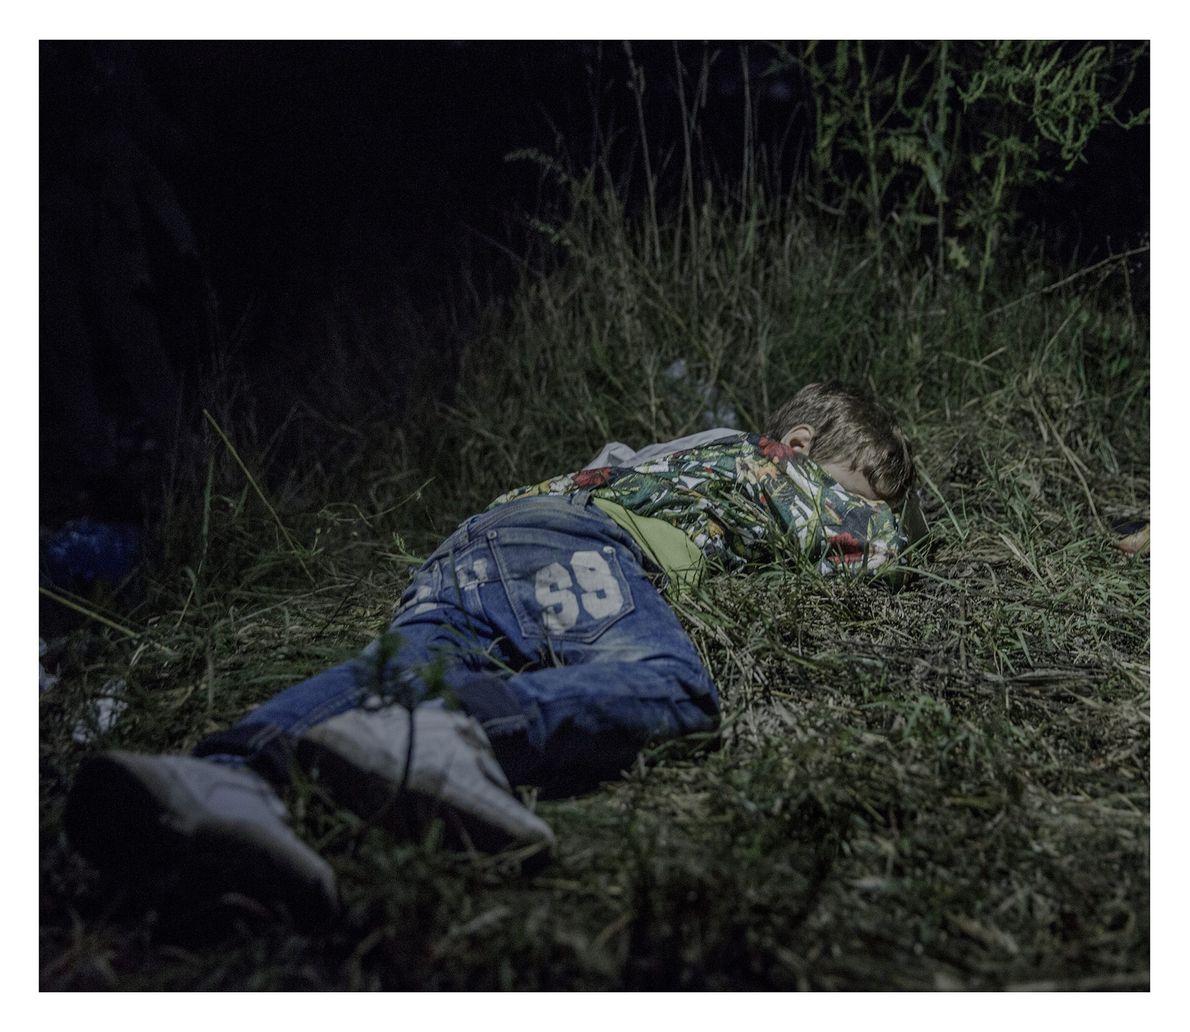 Criança refugiada dormindo na grama